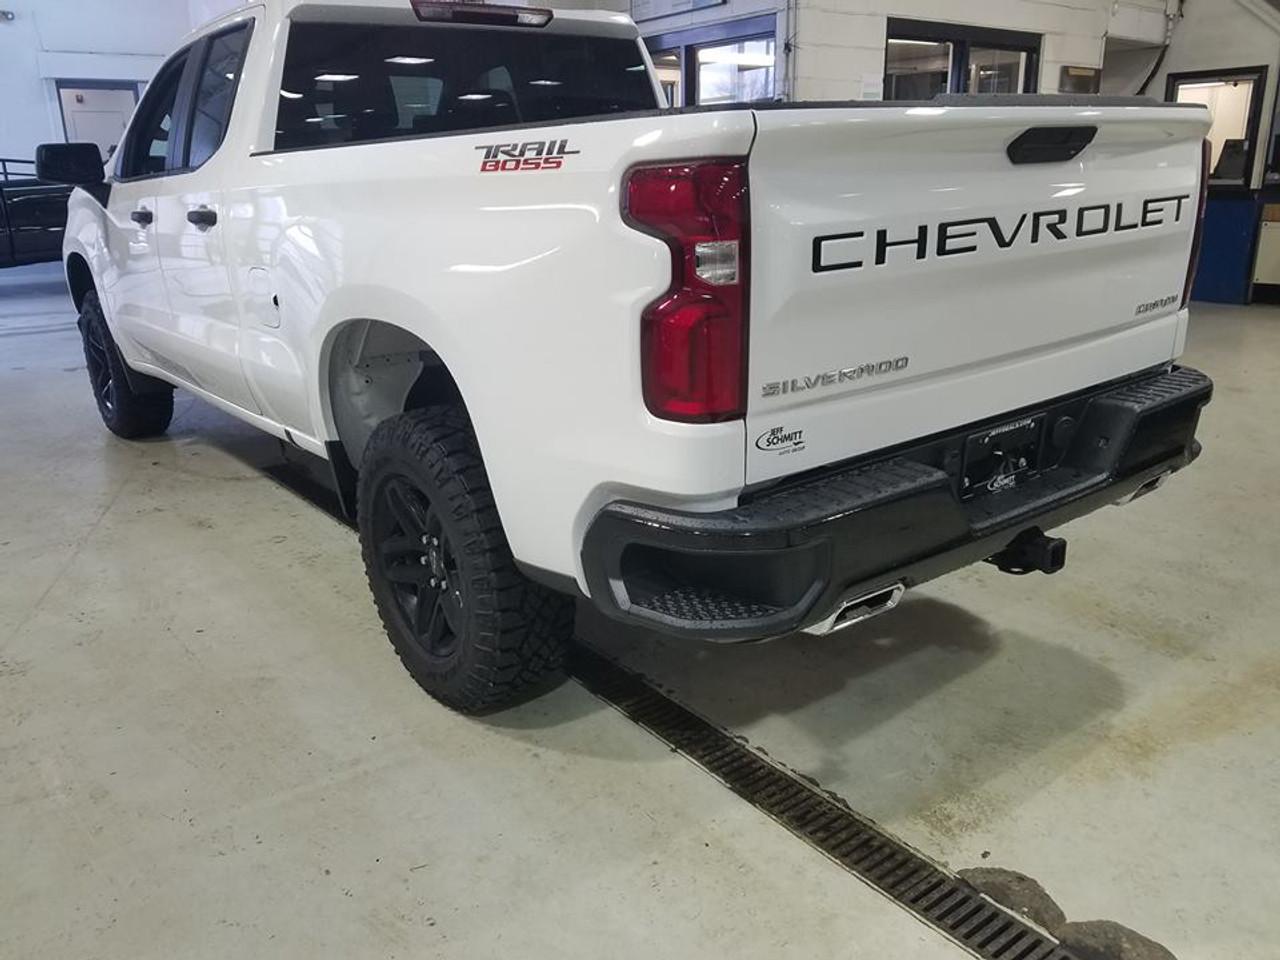 2019 Chevy Silverado Tailgate Decals CHEVROLET 2019-2020 Standard Vinyl